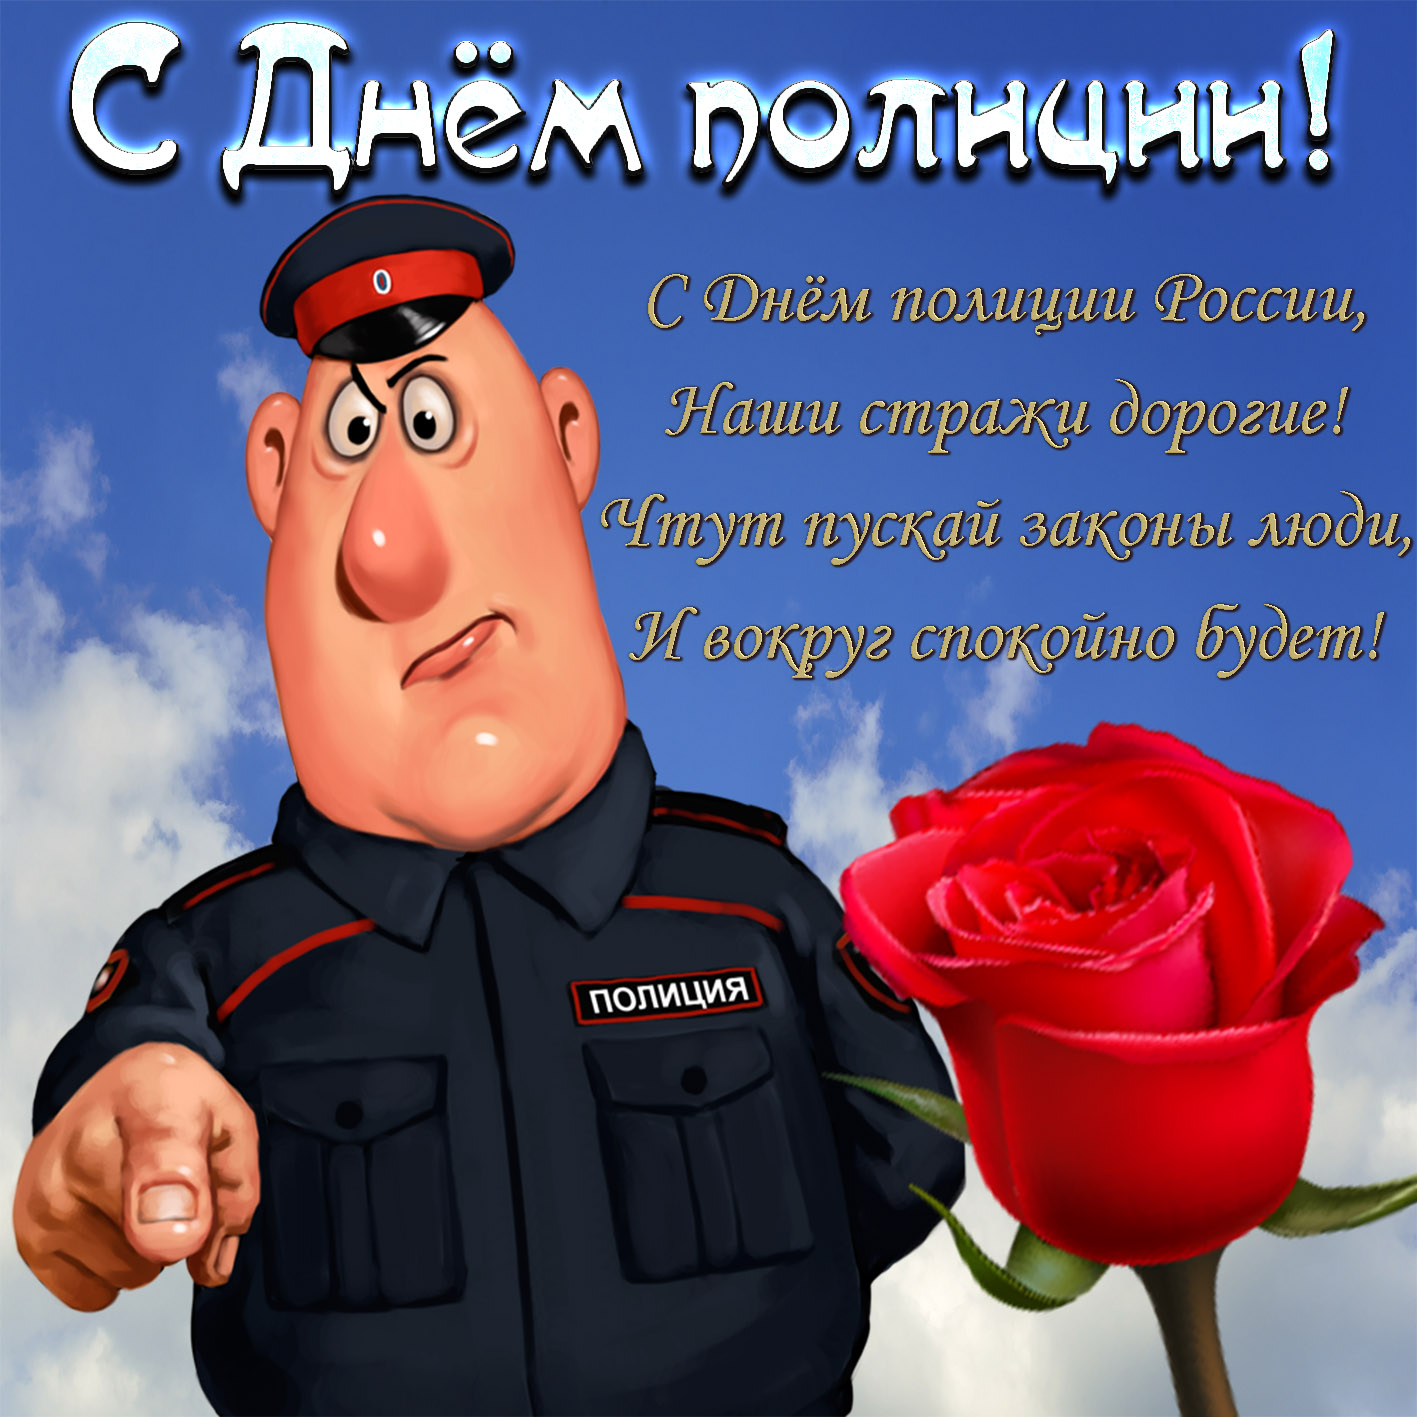 День милиции картинки поздравления пенсионеру